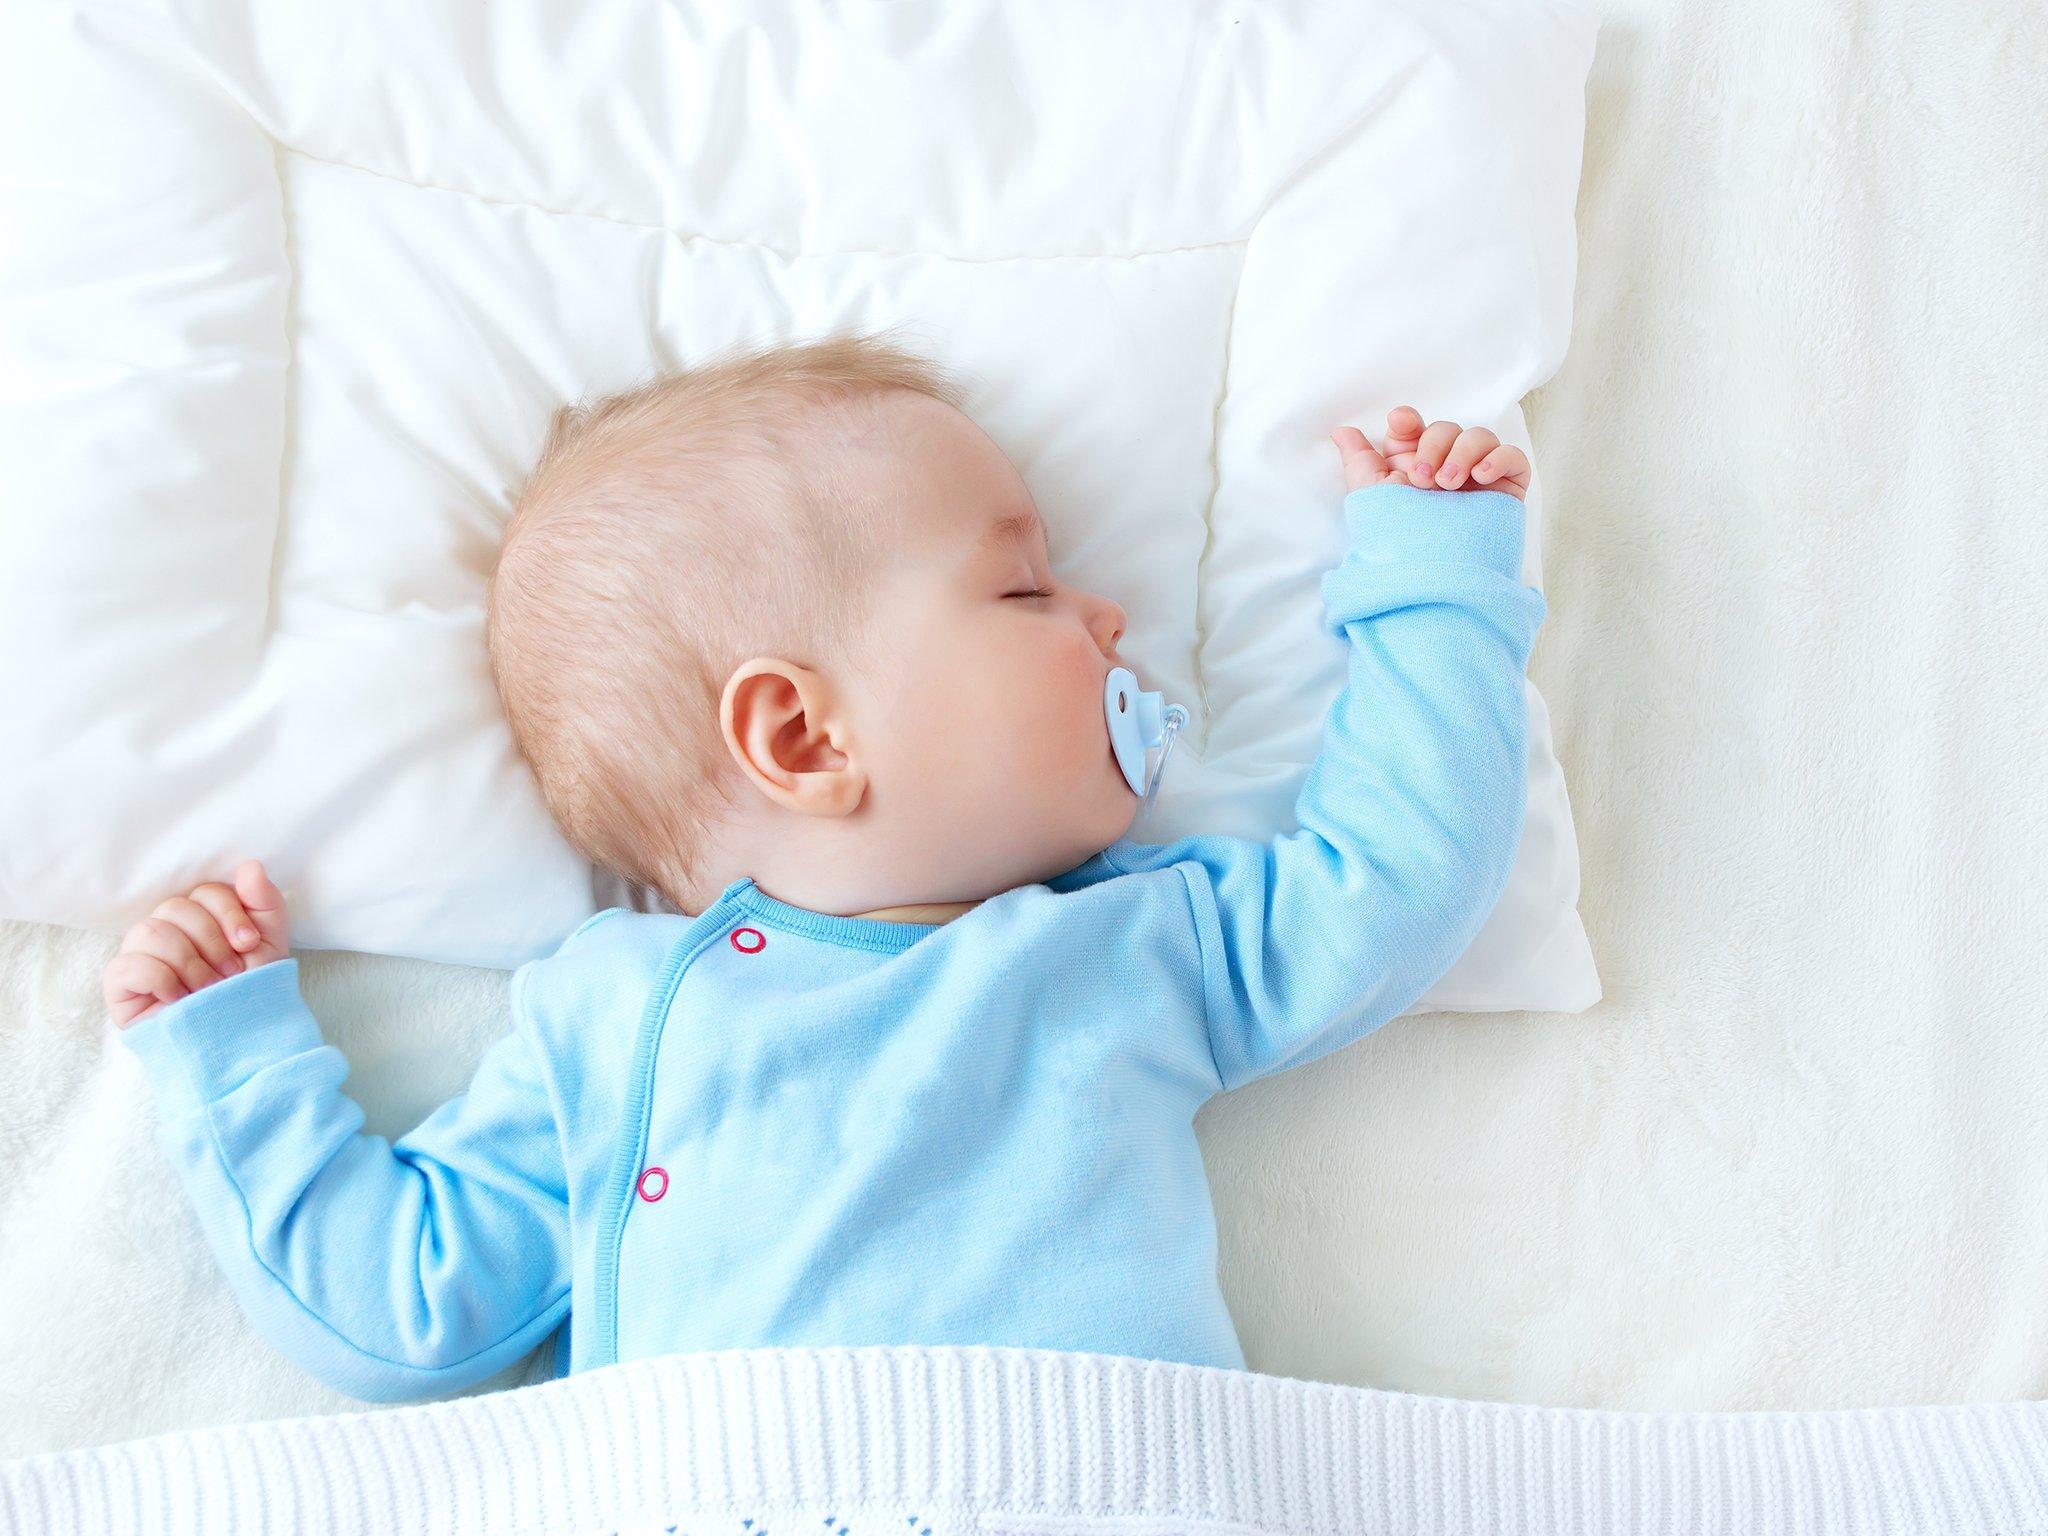 Малыш должен хорошо высыпаться, чтобы активно познавать окружающий мир